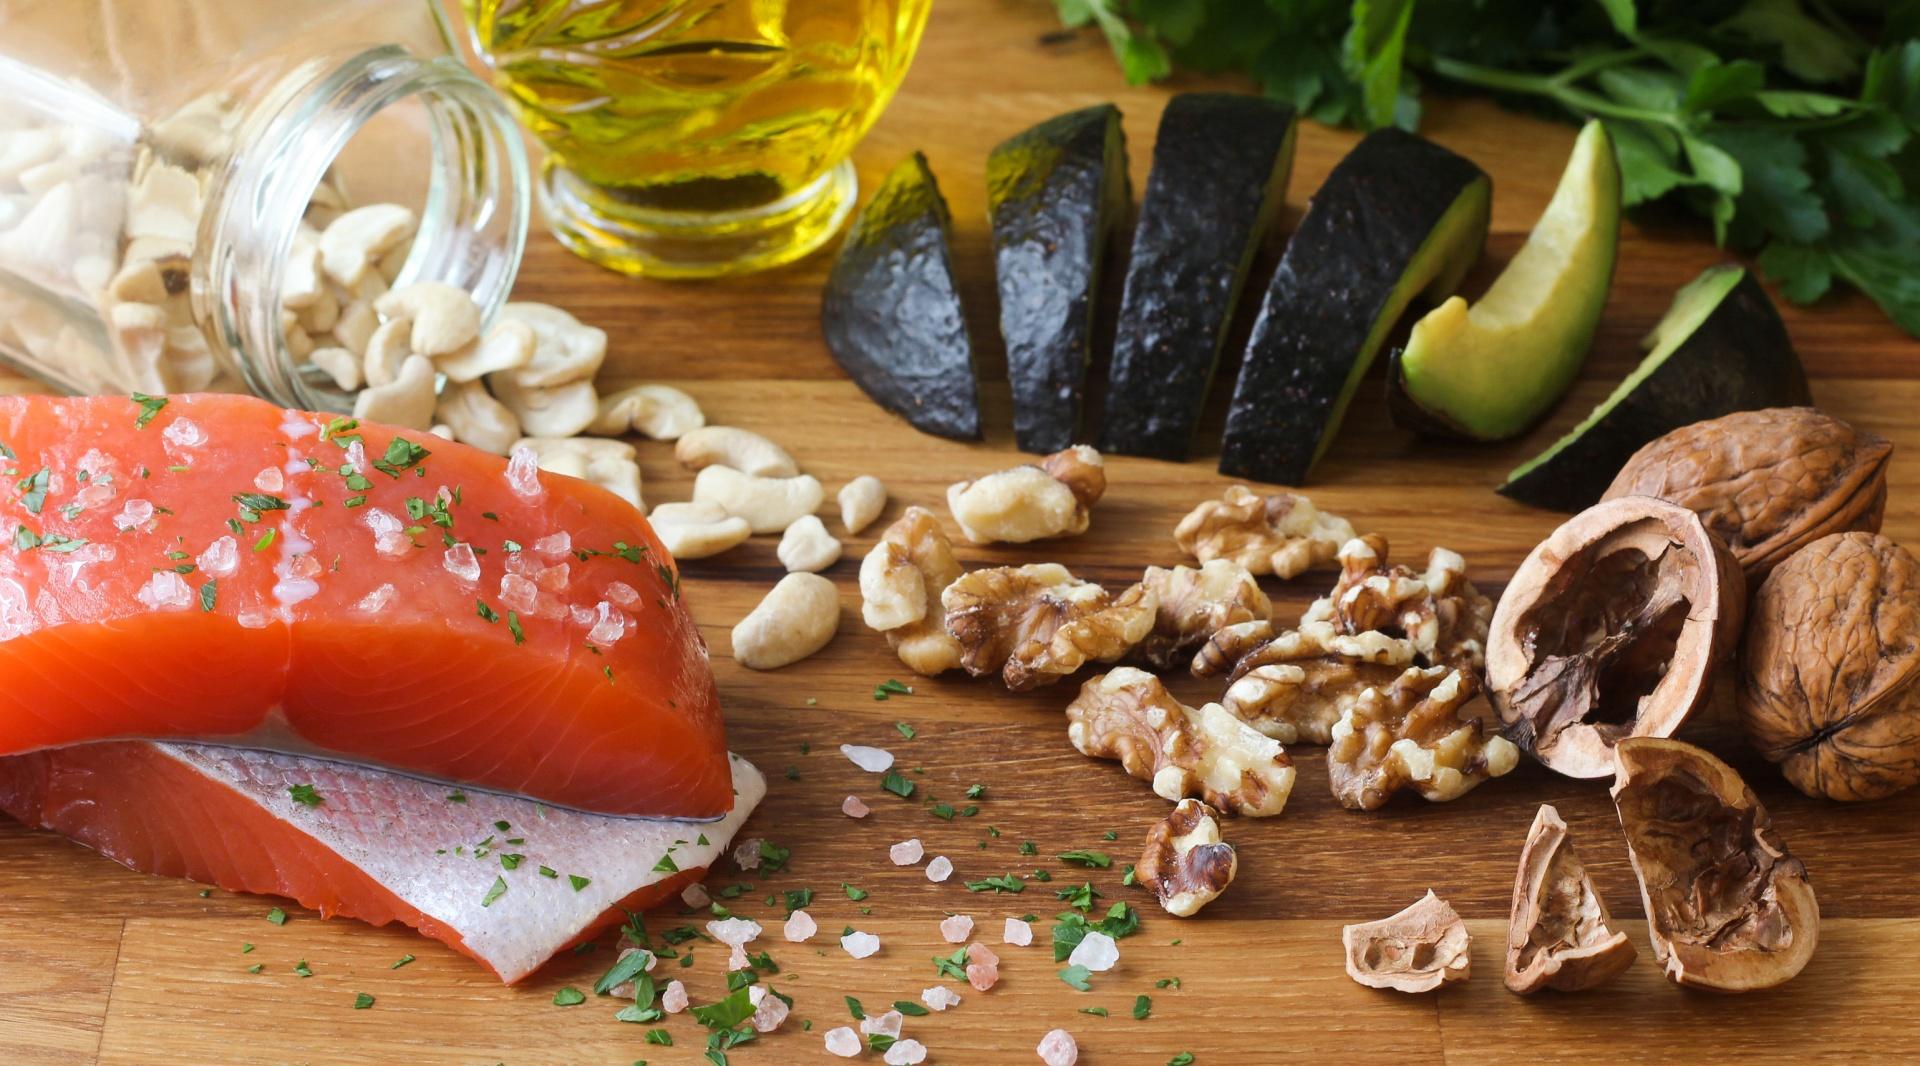 Tại sao chế độ ăn uống của bạn không thể thiếu axit béo omega-3? - Ảnh 4